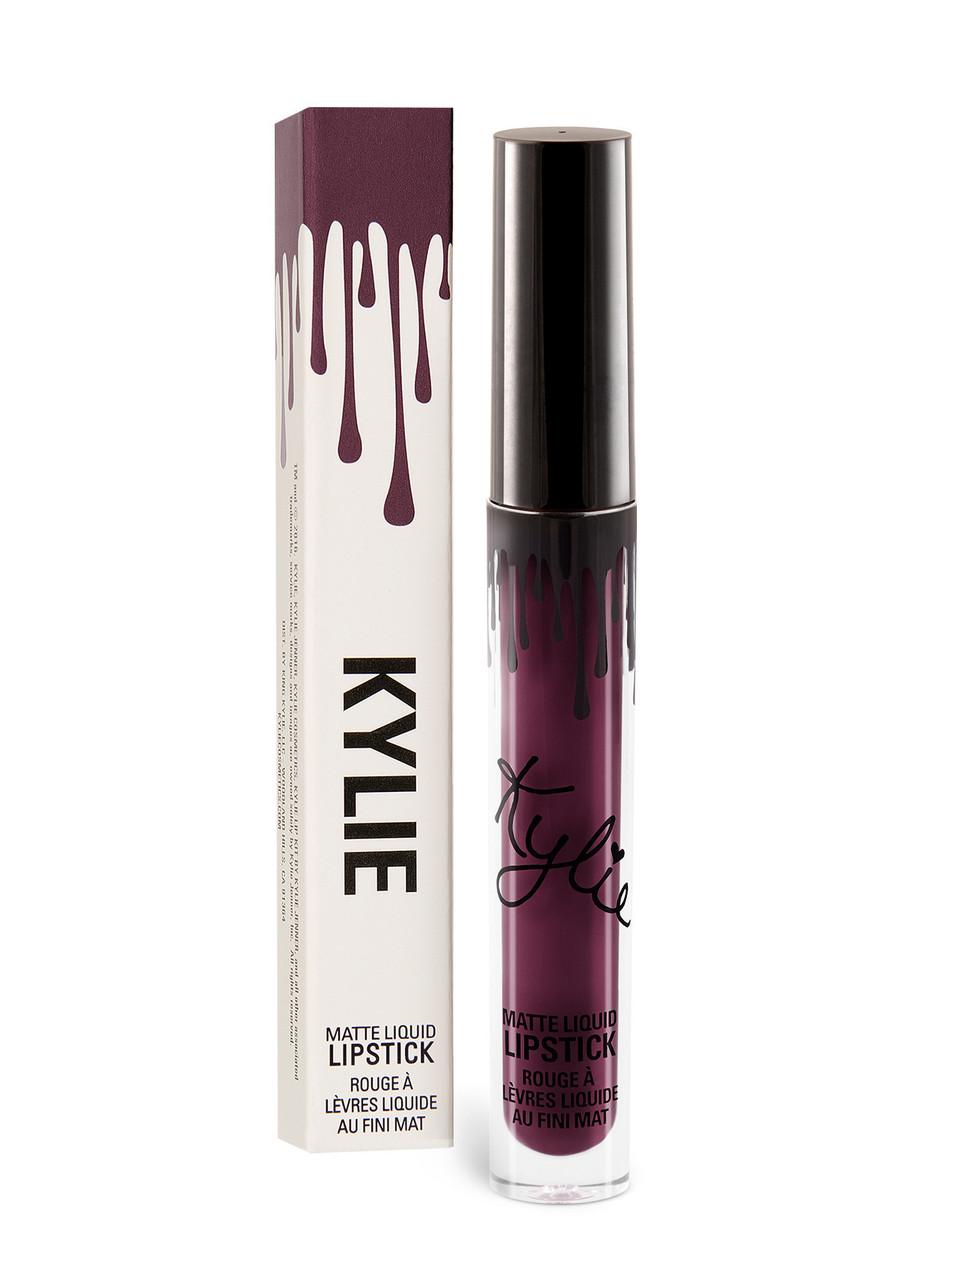 Матовая помада Kylie Jenner без карандаша